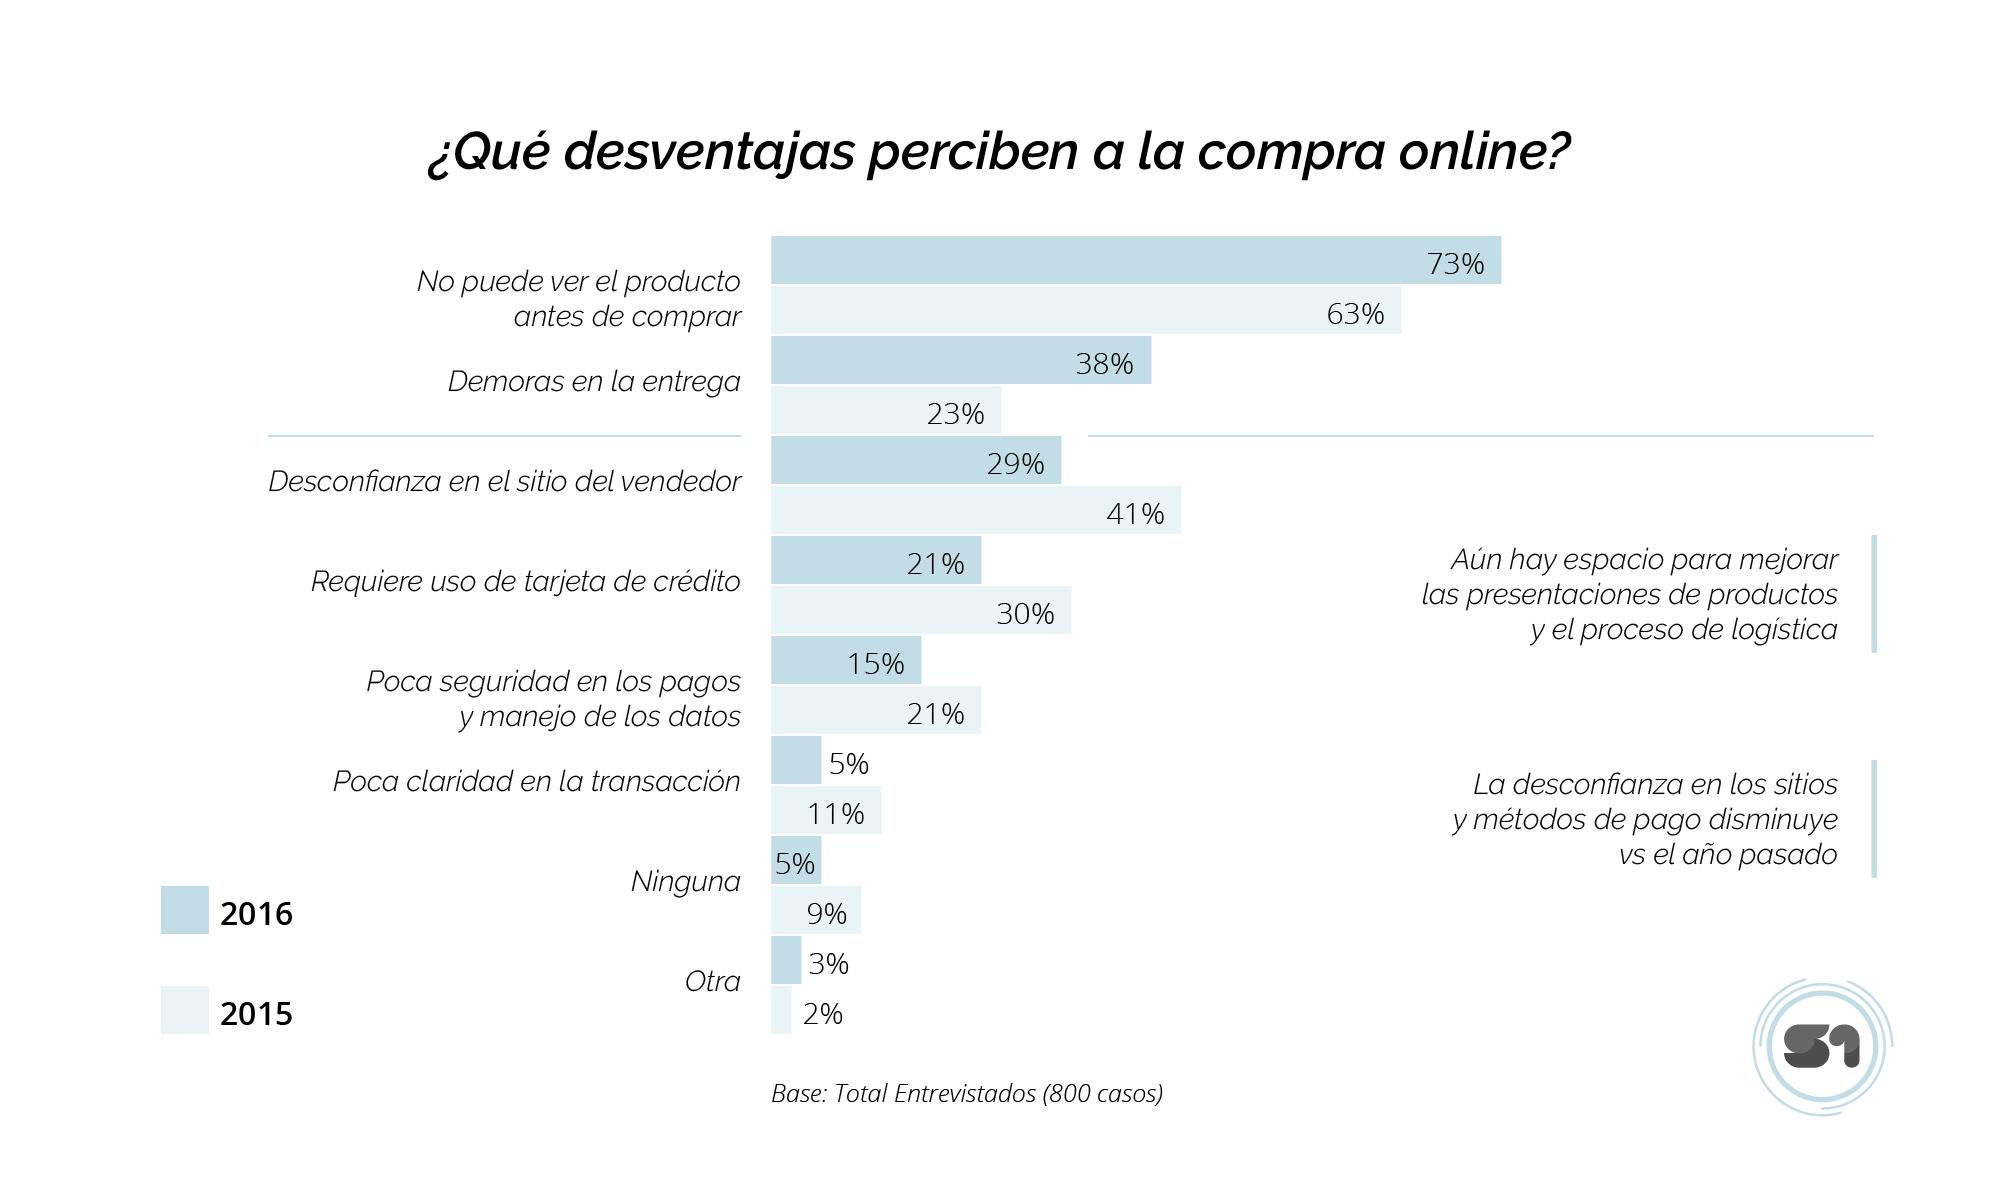 desventajas percibidas para la compra online